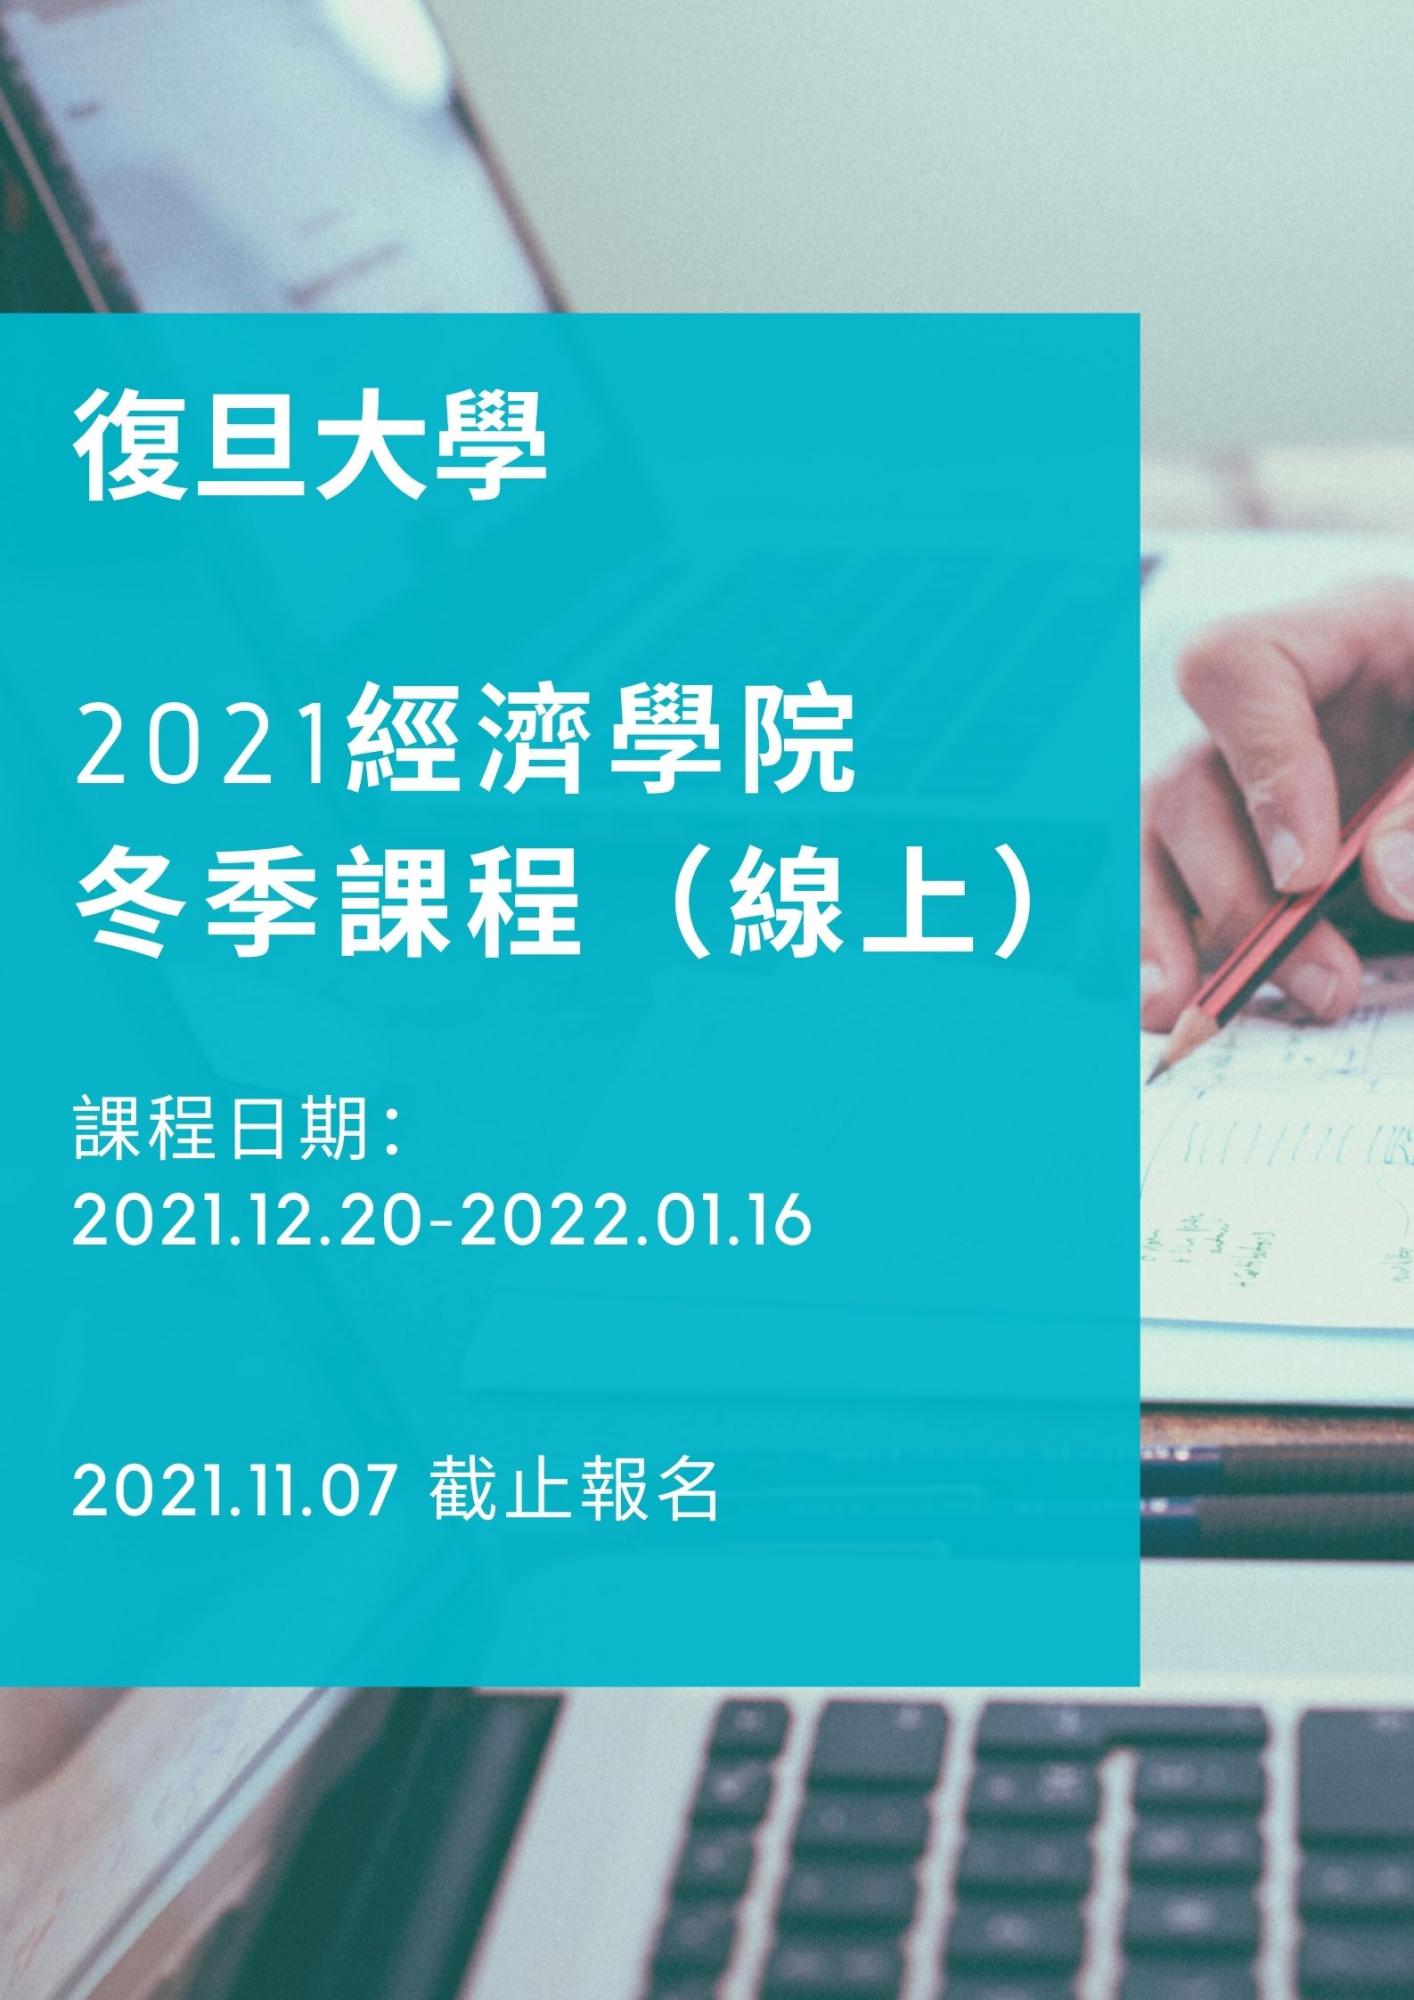 復旦大學2021經濟學院冬季課程(線上)